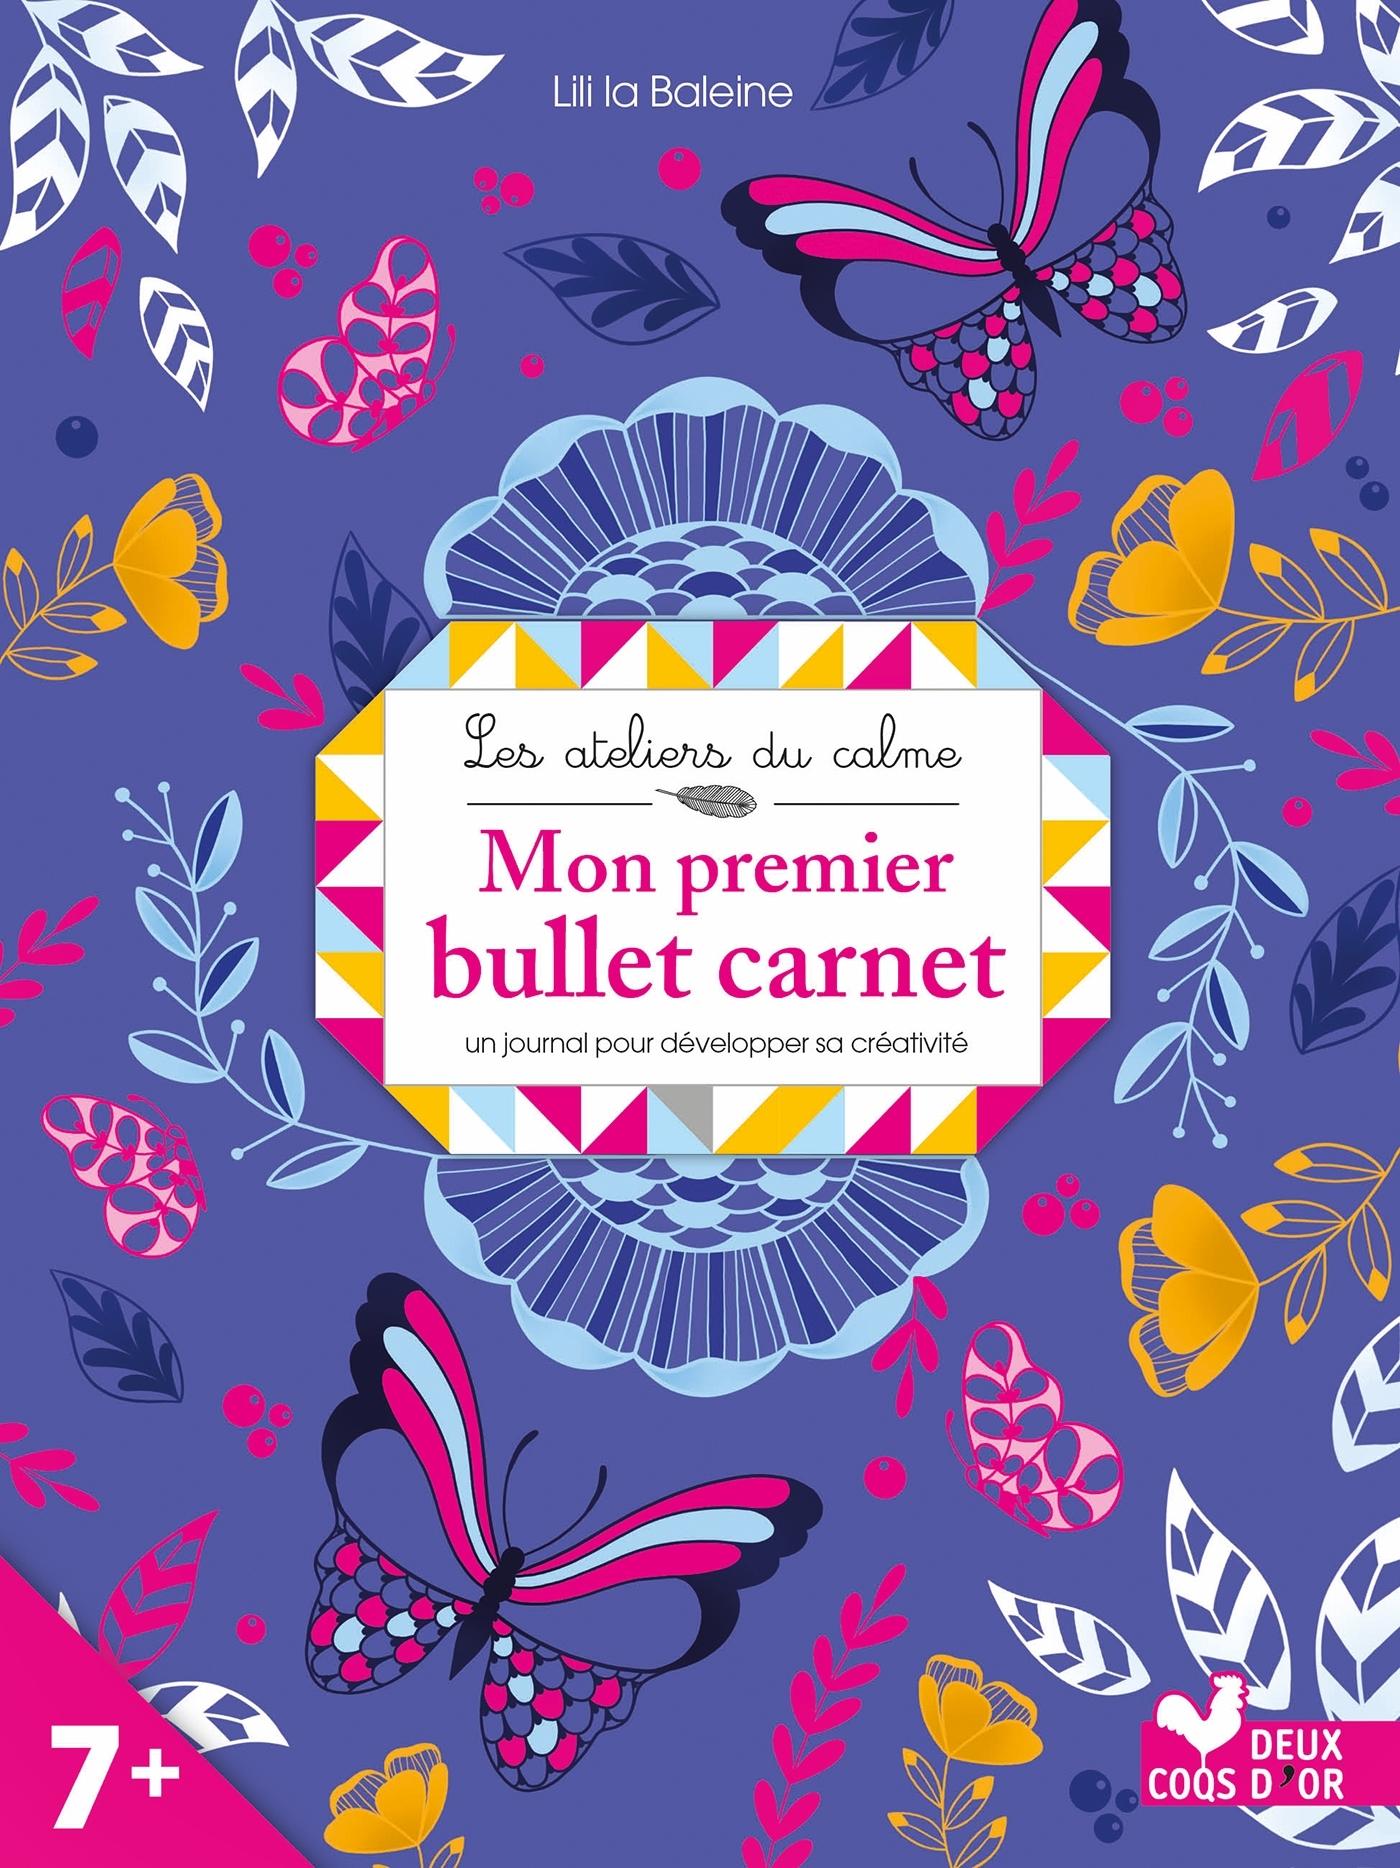 LES ATELIERS DU CALME - 23186 - MON PREMIER BULLET CARNET